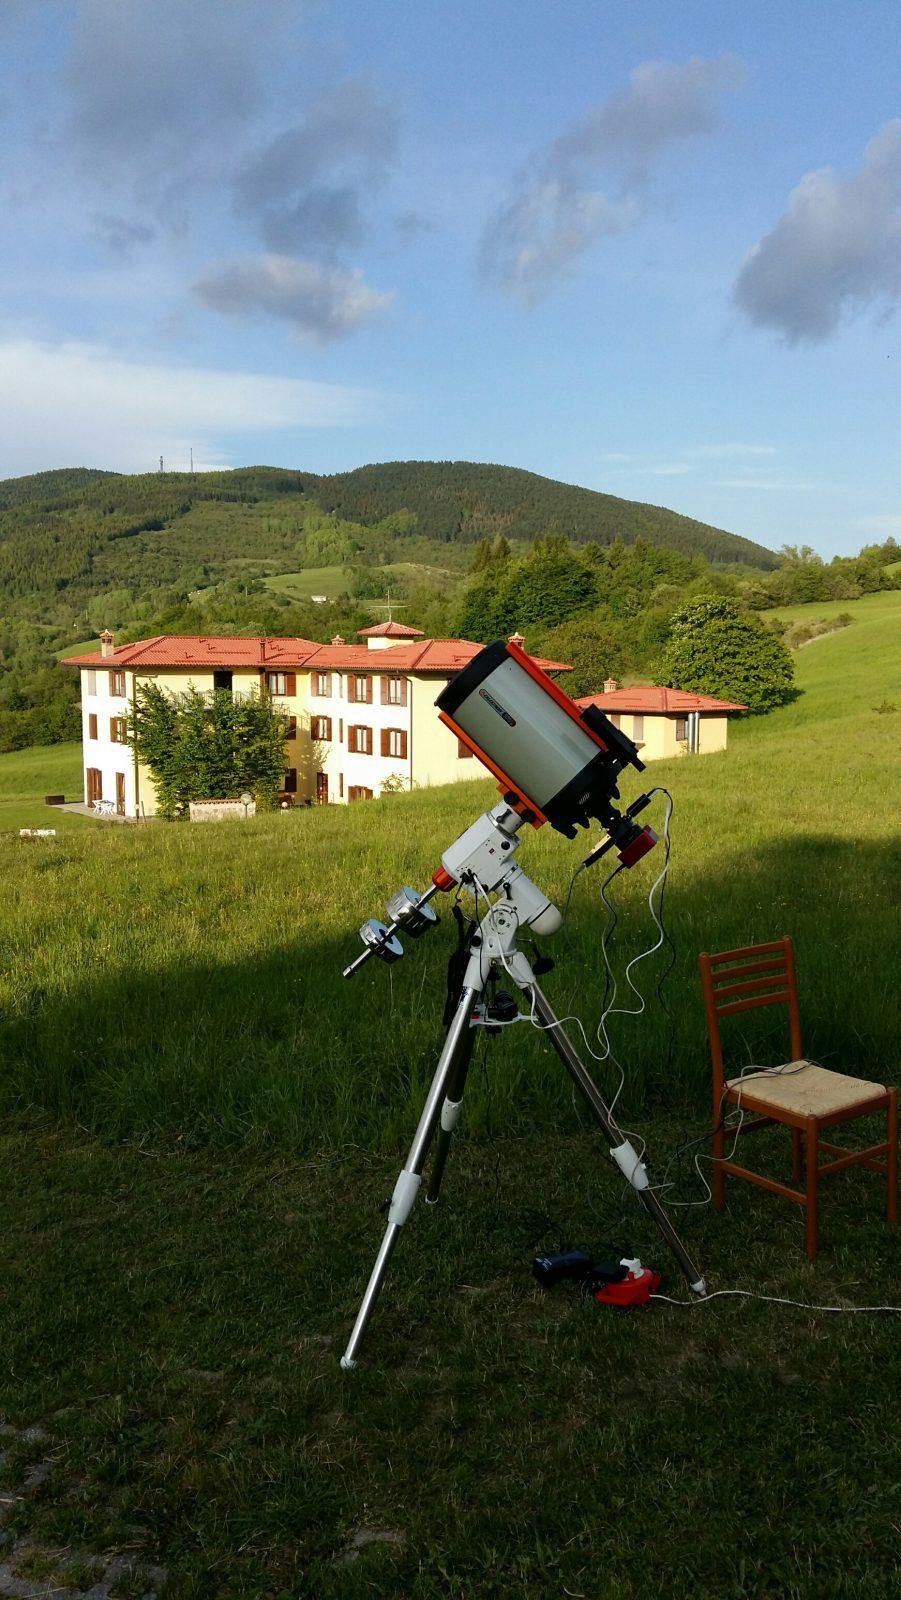 Il complesso aberghiero La Pernice Rossa, località Roncassi, Menconìco (PV)